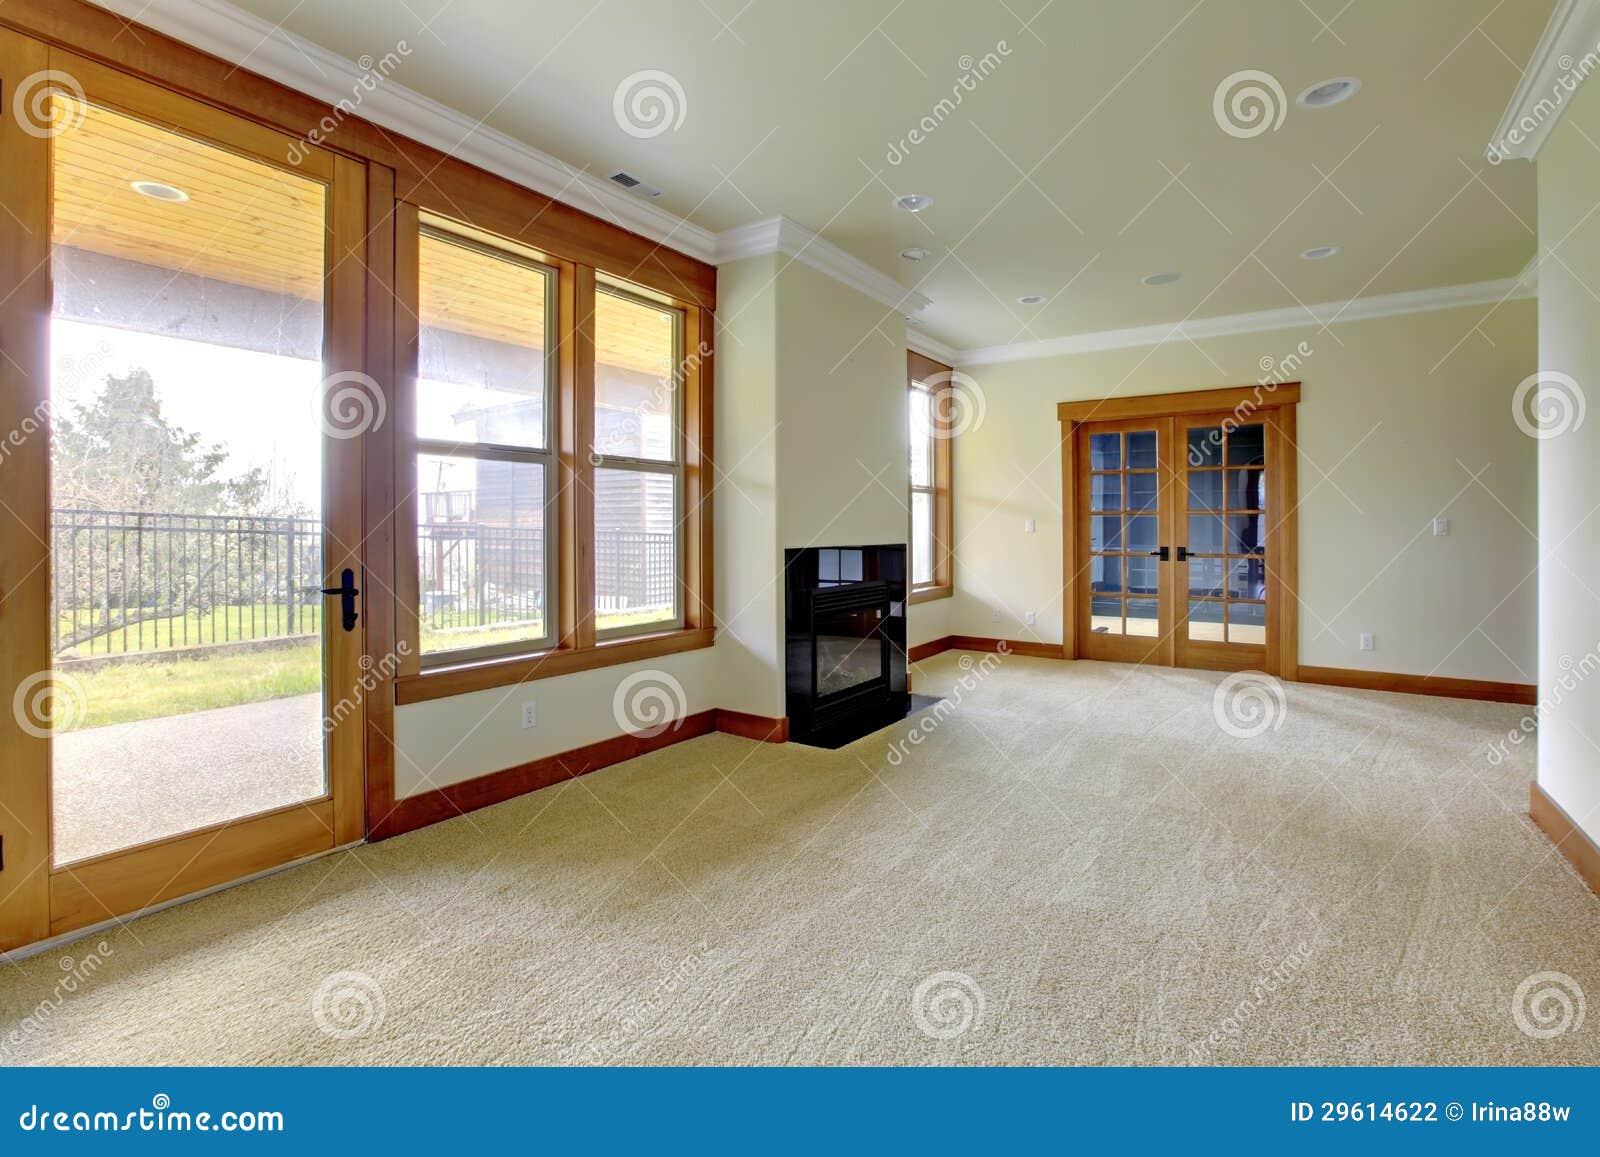 Grande pi ce vide avec la chemin e int rieur la maison de luxe neuf photo stock image du - Cheminee interieur maison ...